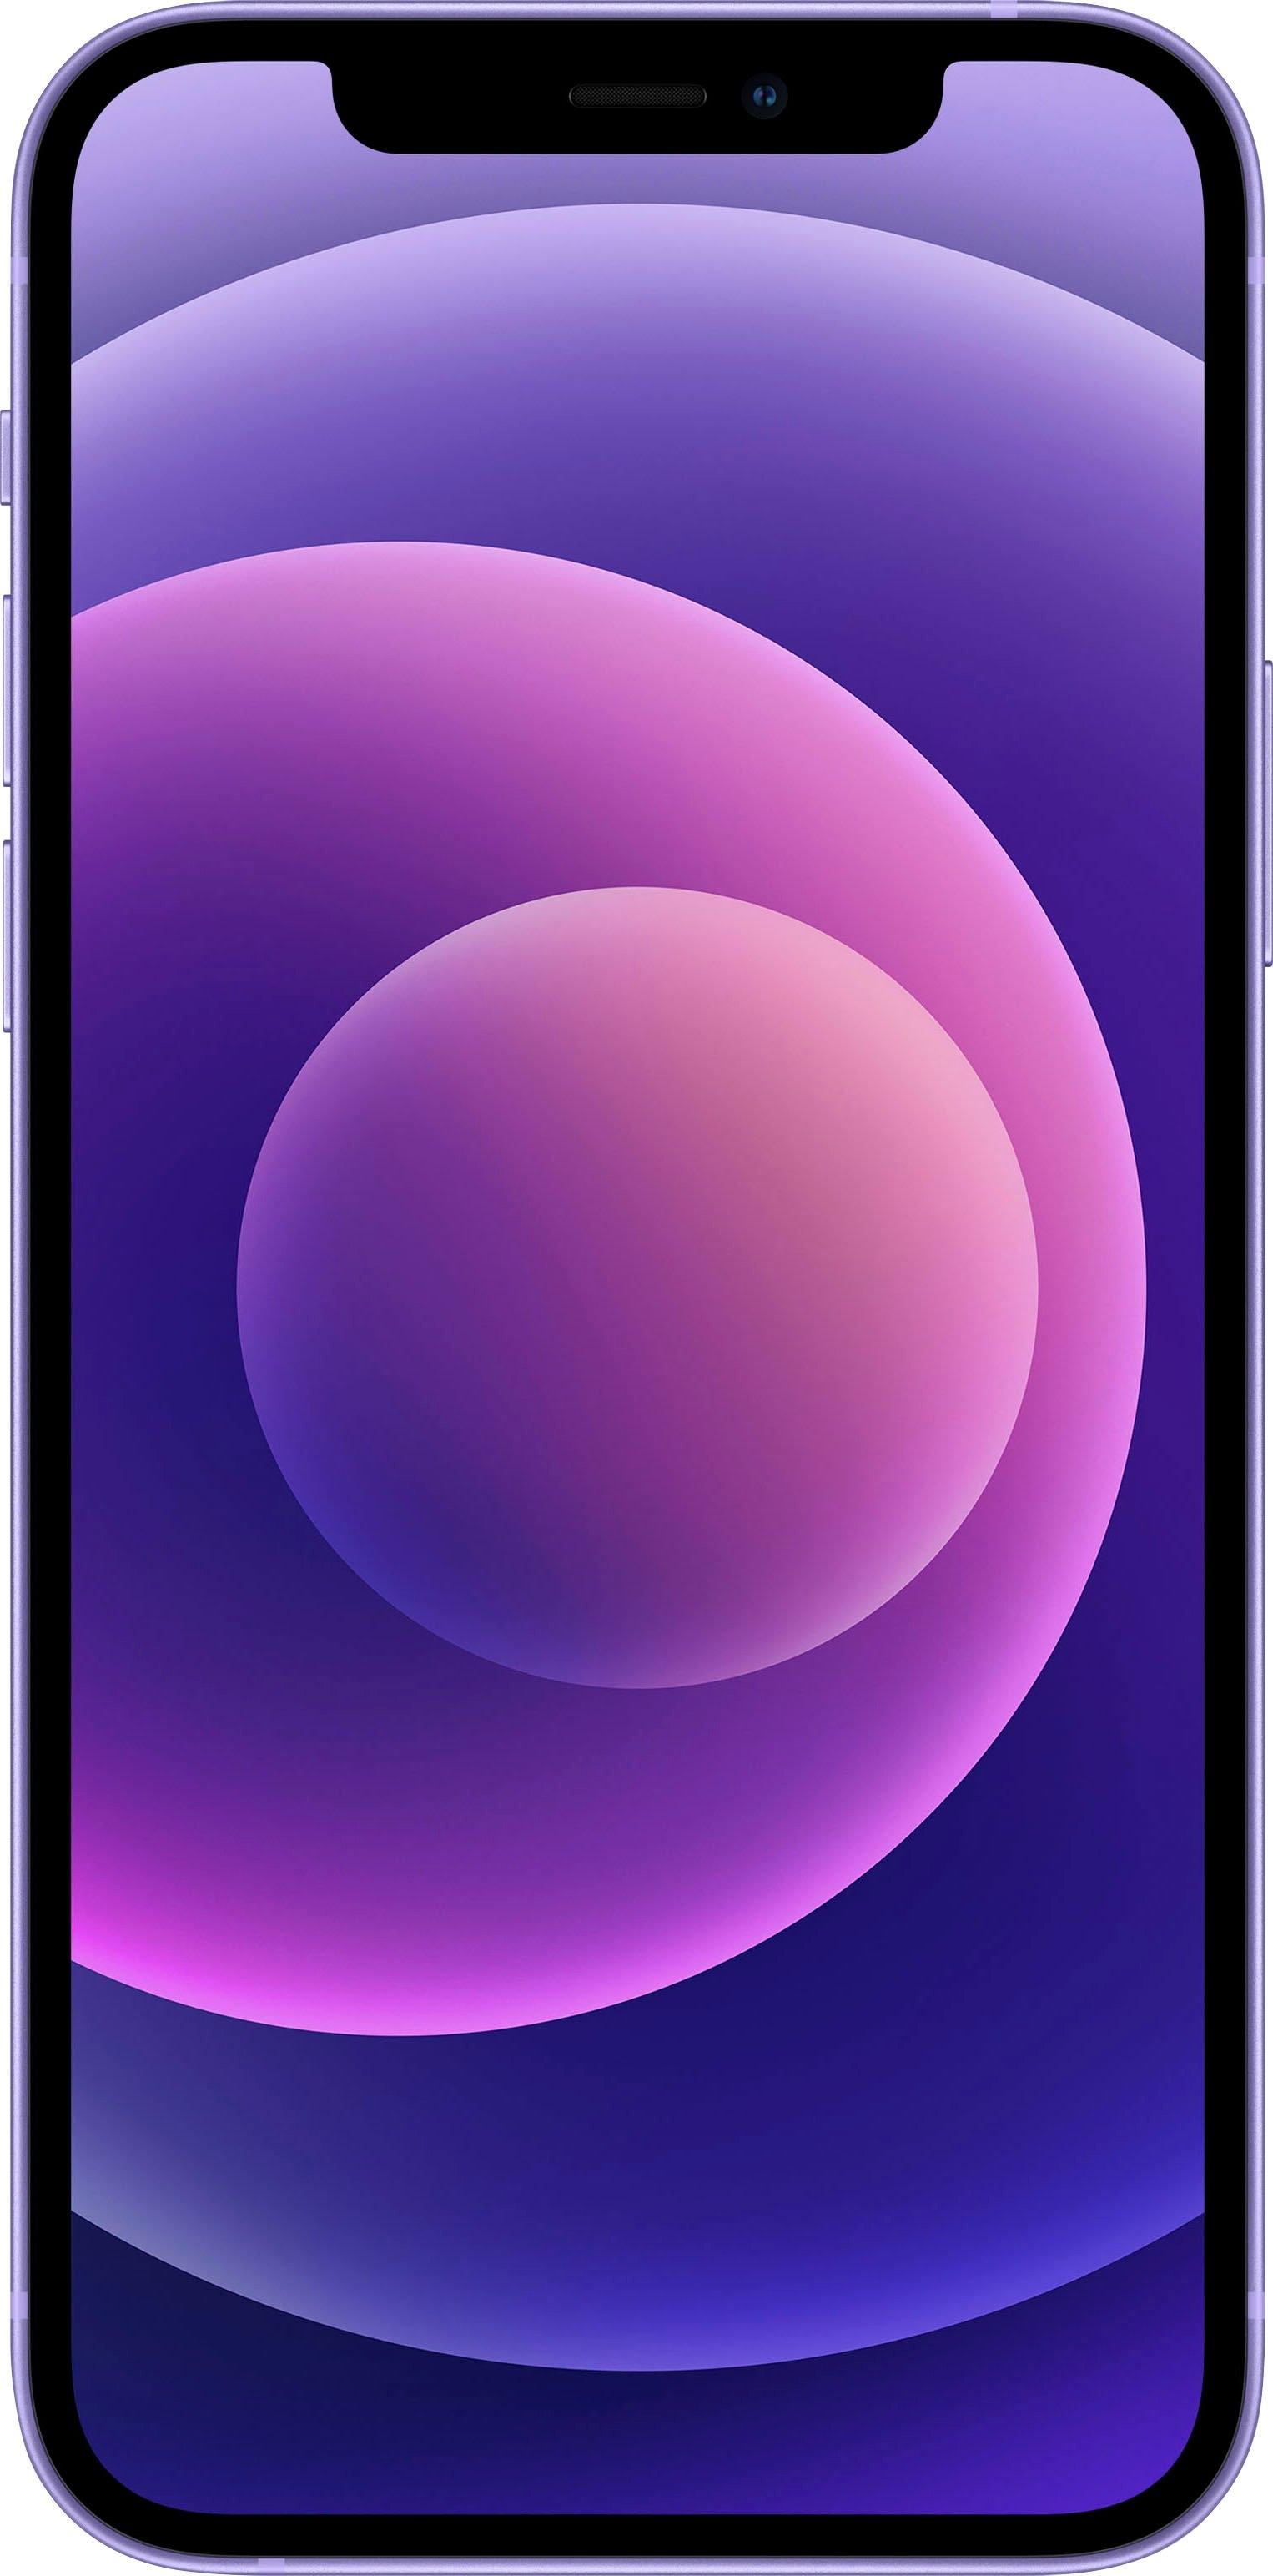 Apple smartphone iPhone 12 mini, 64 GB, zonder stroom-adapter en hoofdtelefoon, compatibel met airpods, airpods pro, earpods hoofdtelefoon bestellen: 30 dagen bedenktijd